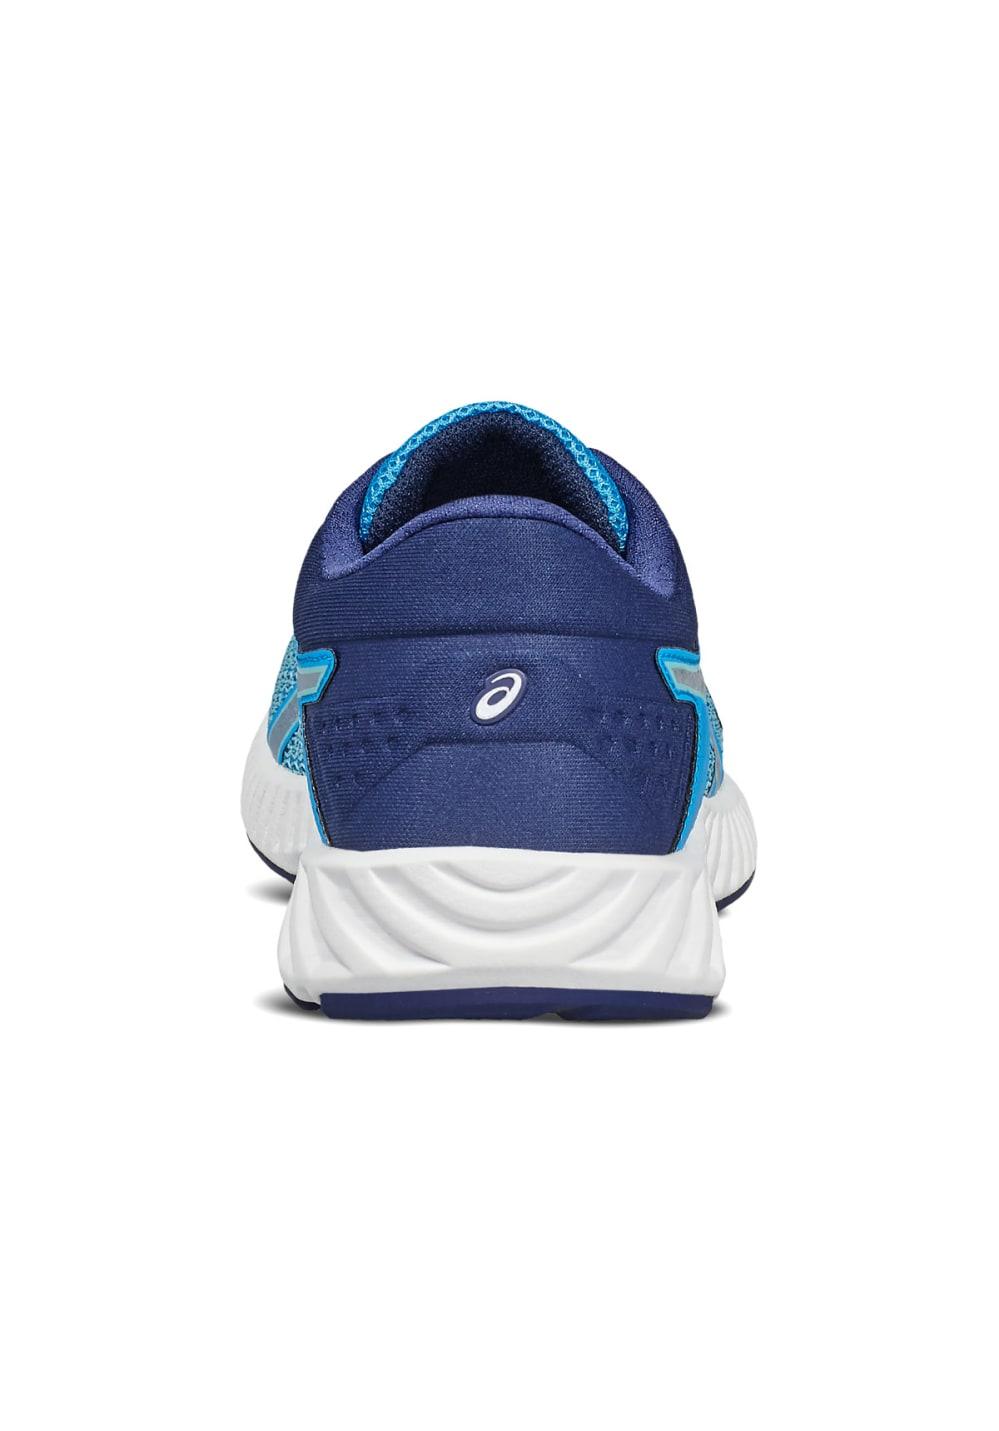 Fuzex Lyte Running Asics Chaussures Femme Pour Bleu 2 XiuZkP